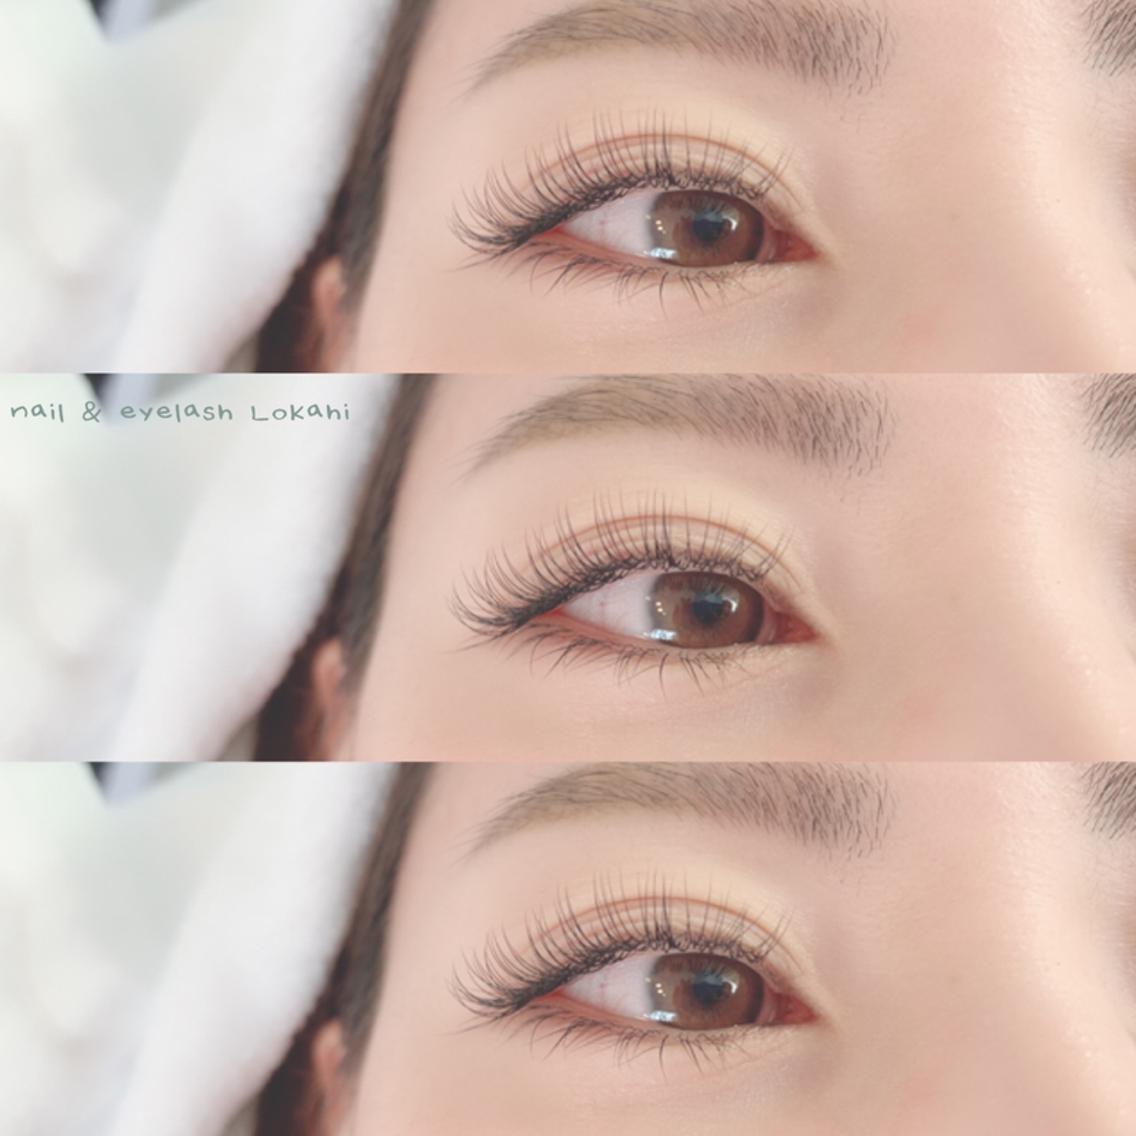 Lokahi所属・Lokahinail&eyeの掲載